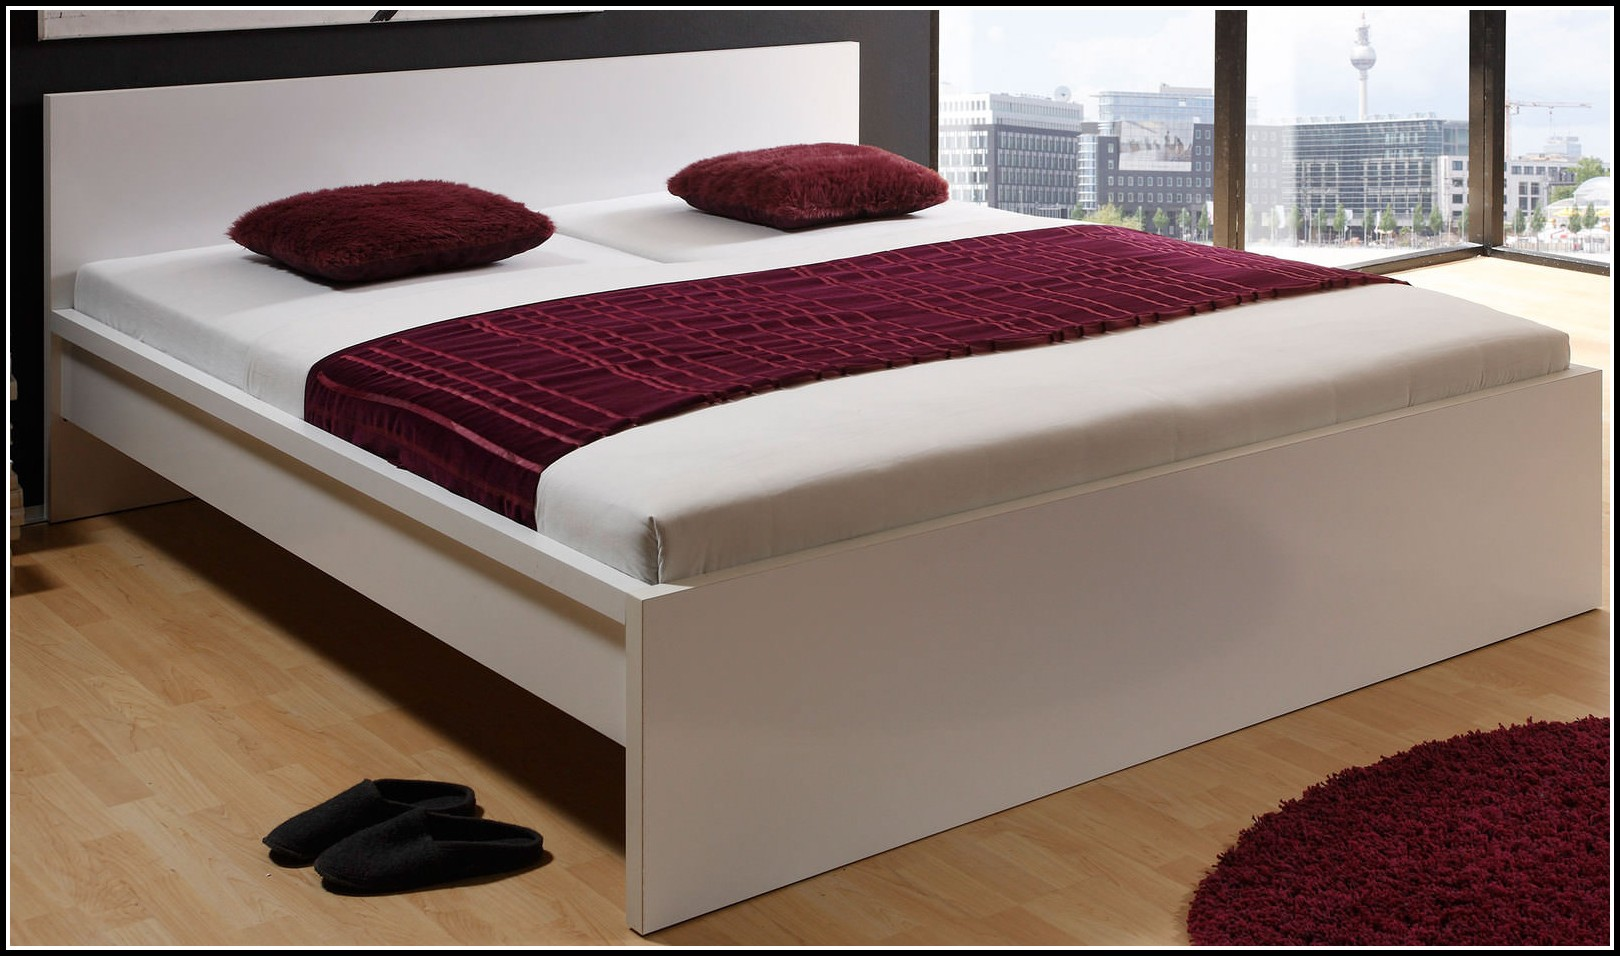 bett ohne rahmen und auflagen betten house und dekor. Black Bedroom Furniture Sets. Home Design Ideas